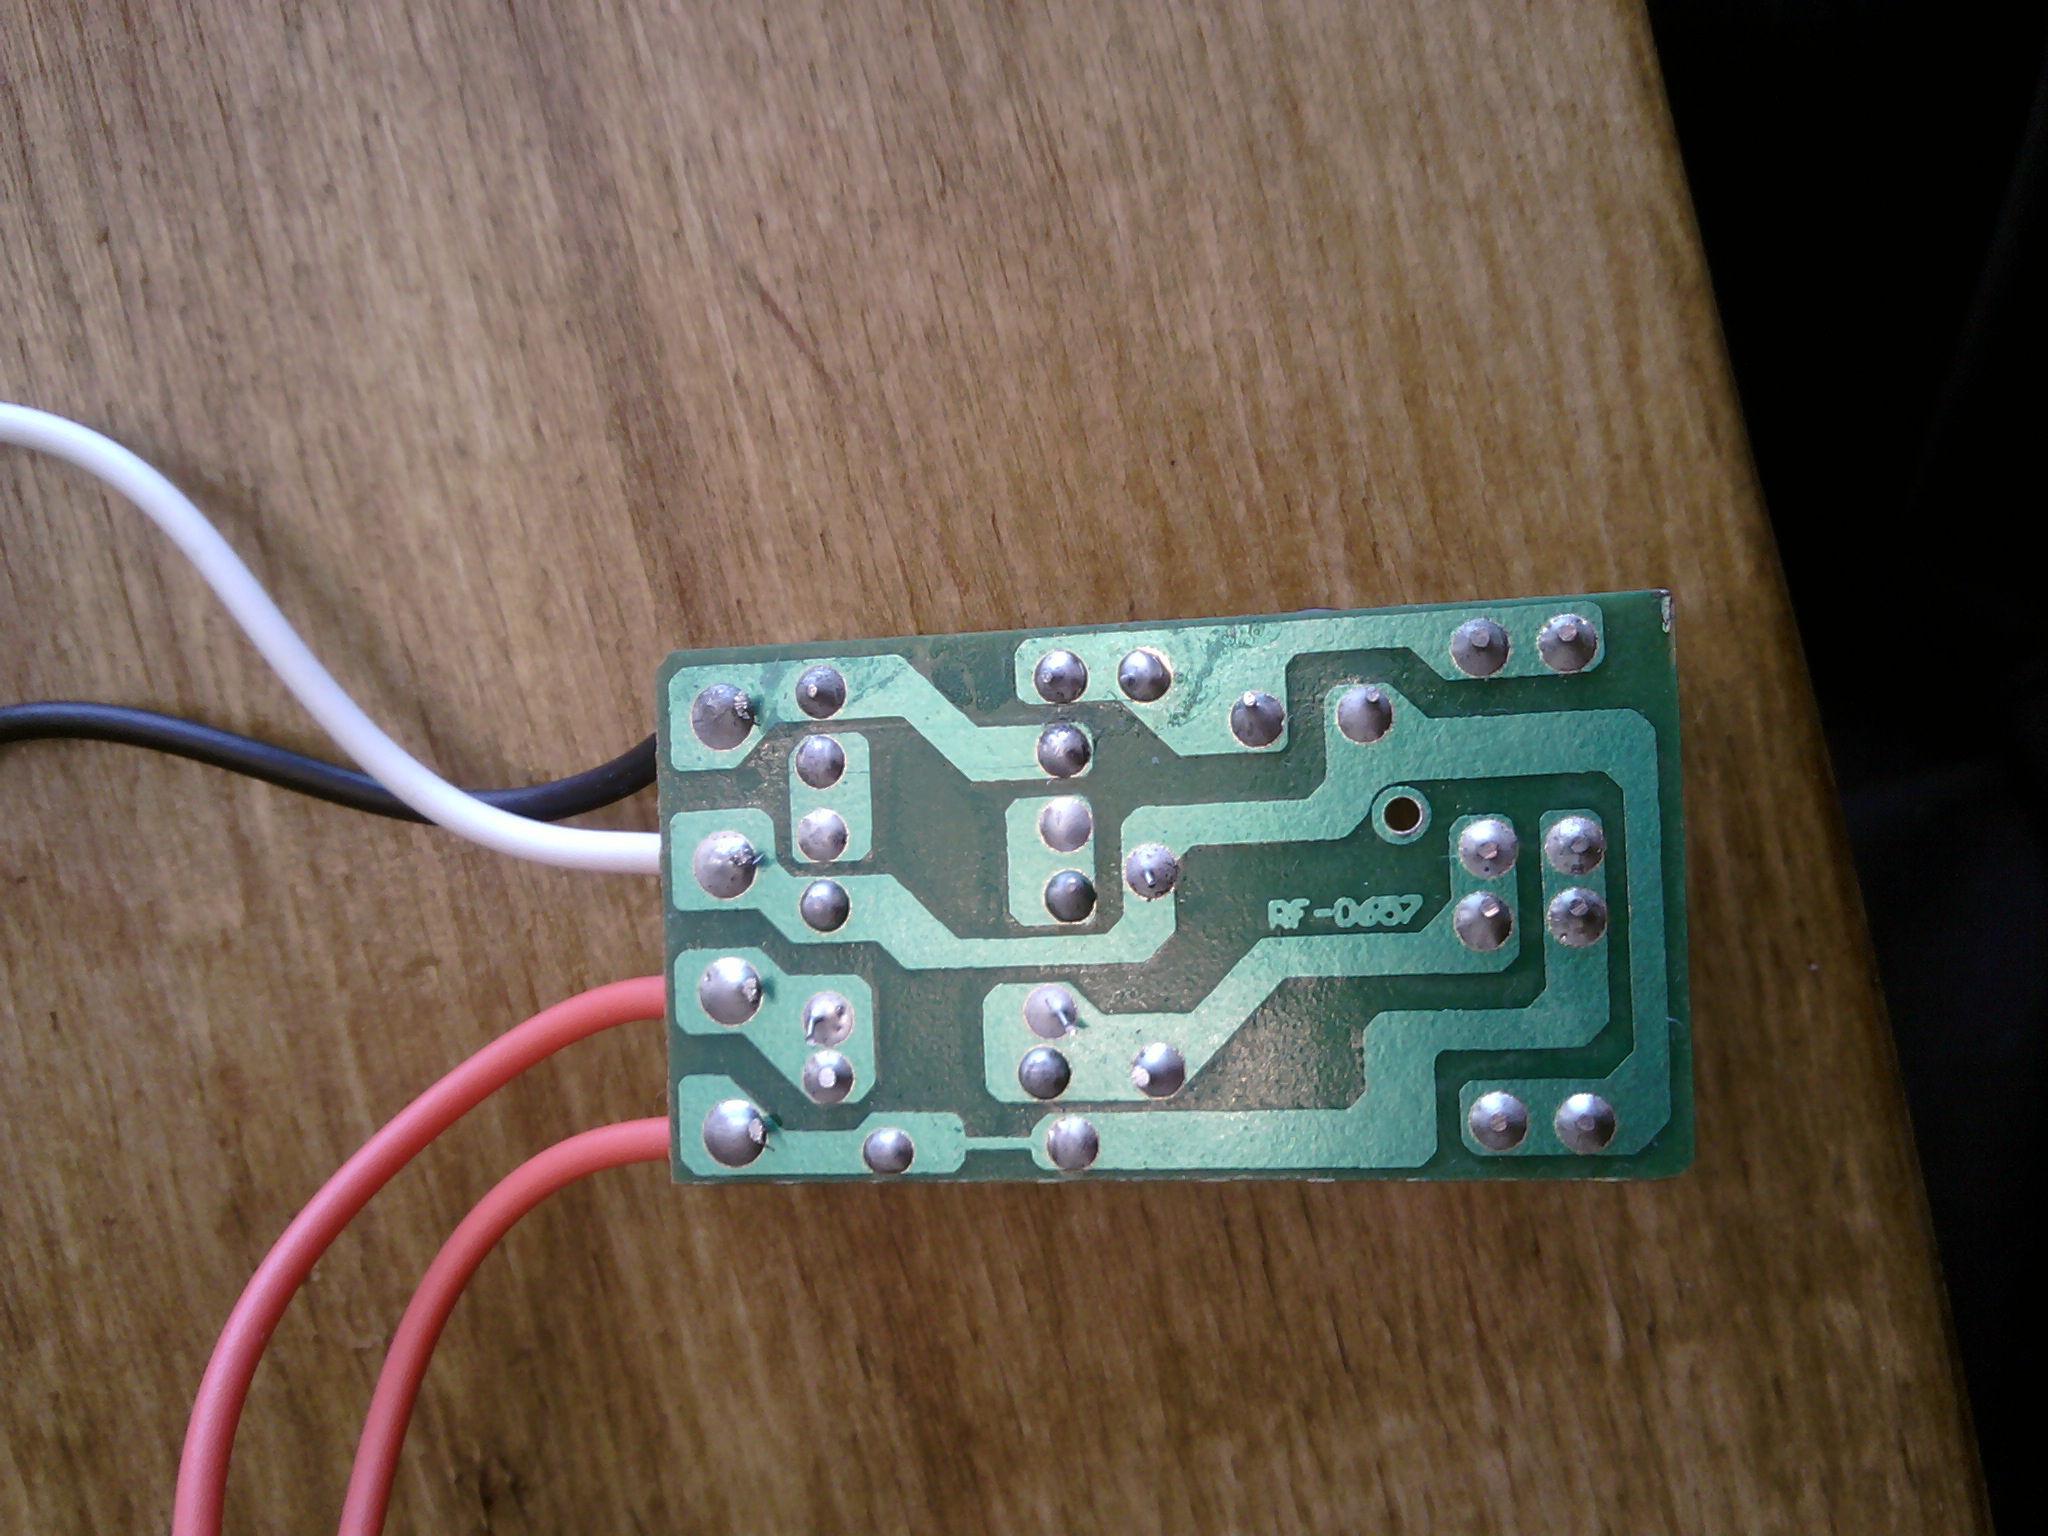 схема драйвера для питания светодиодов 220в